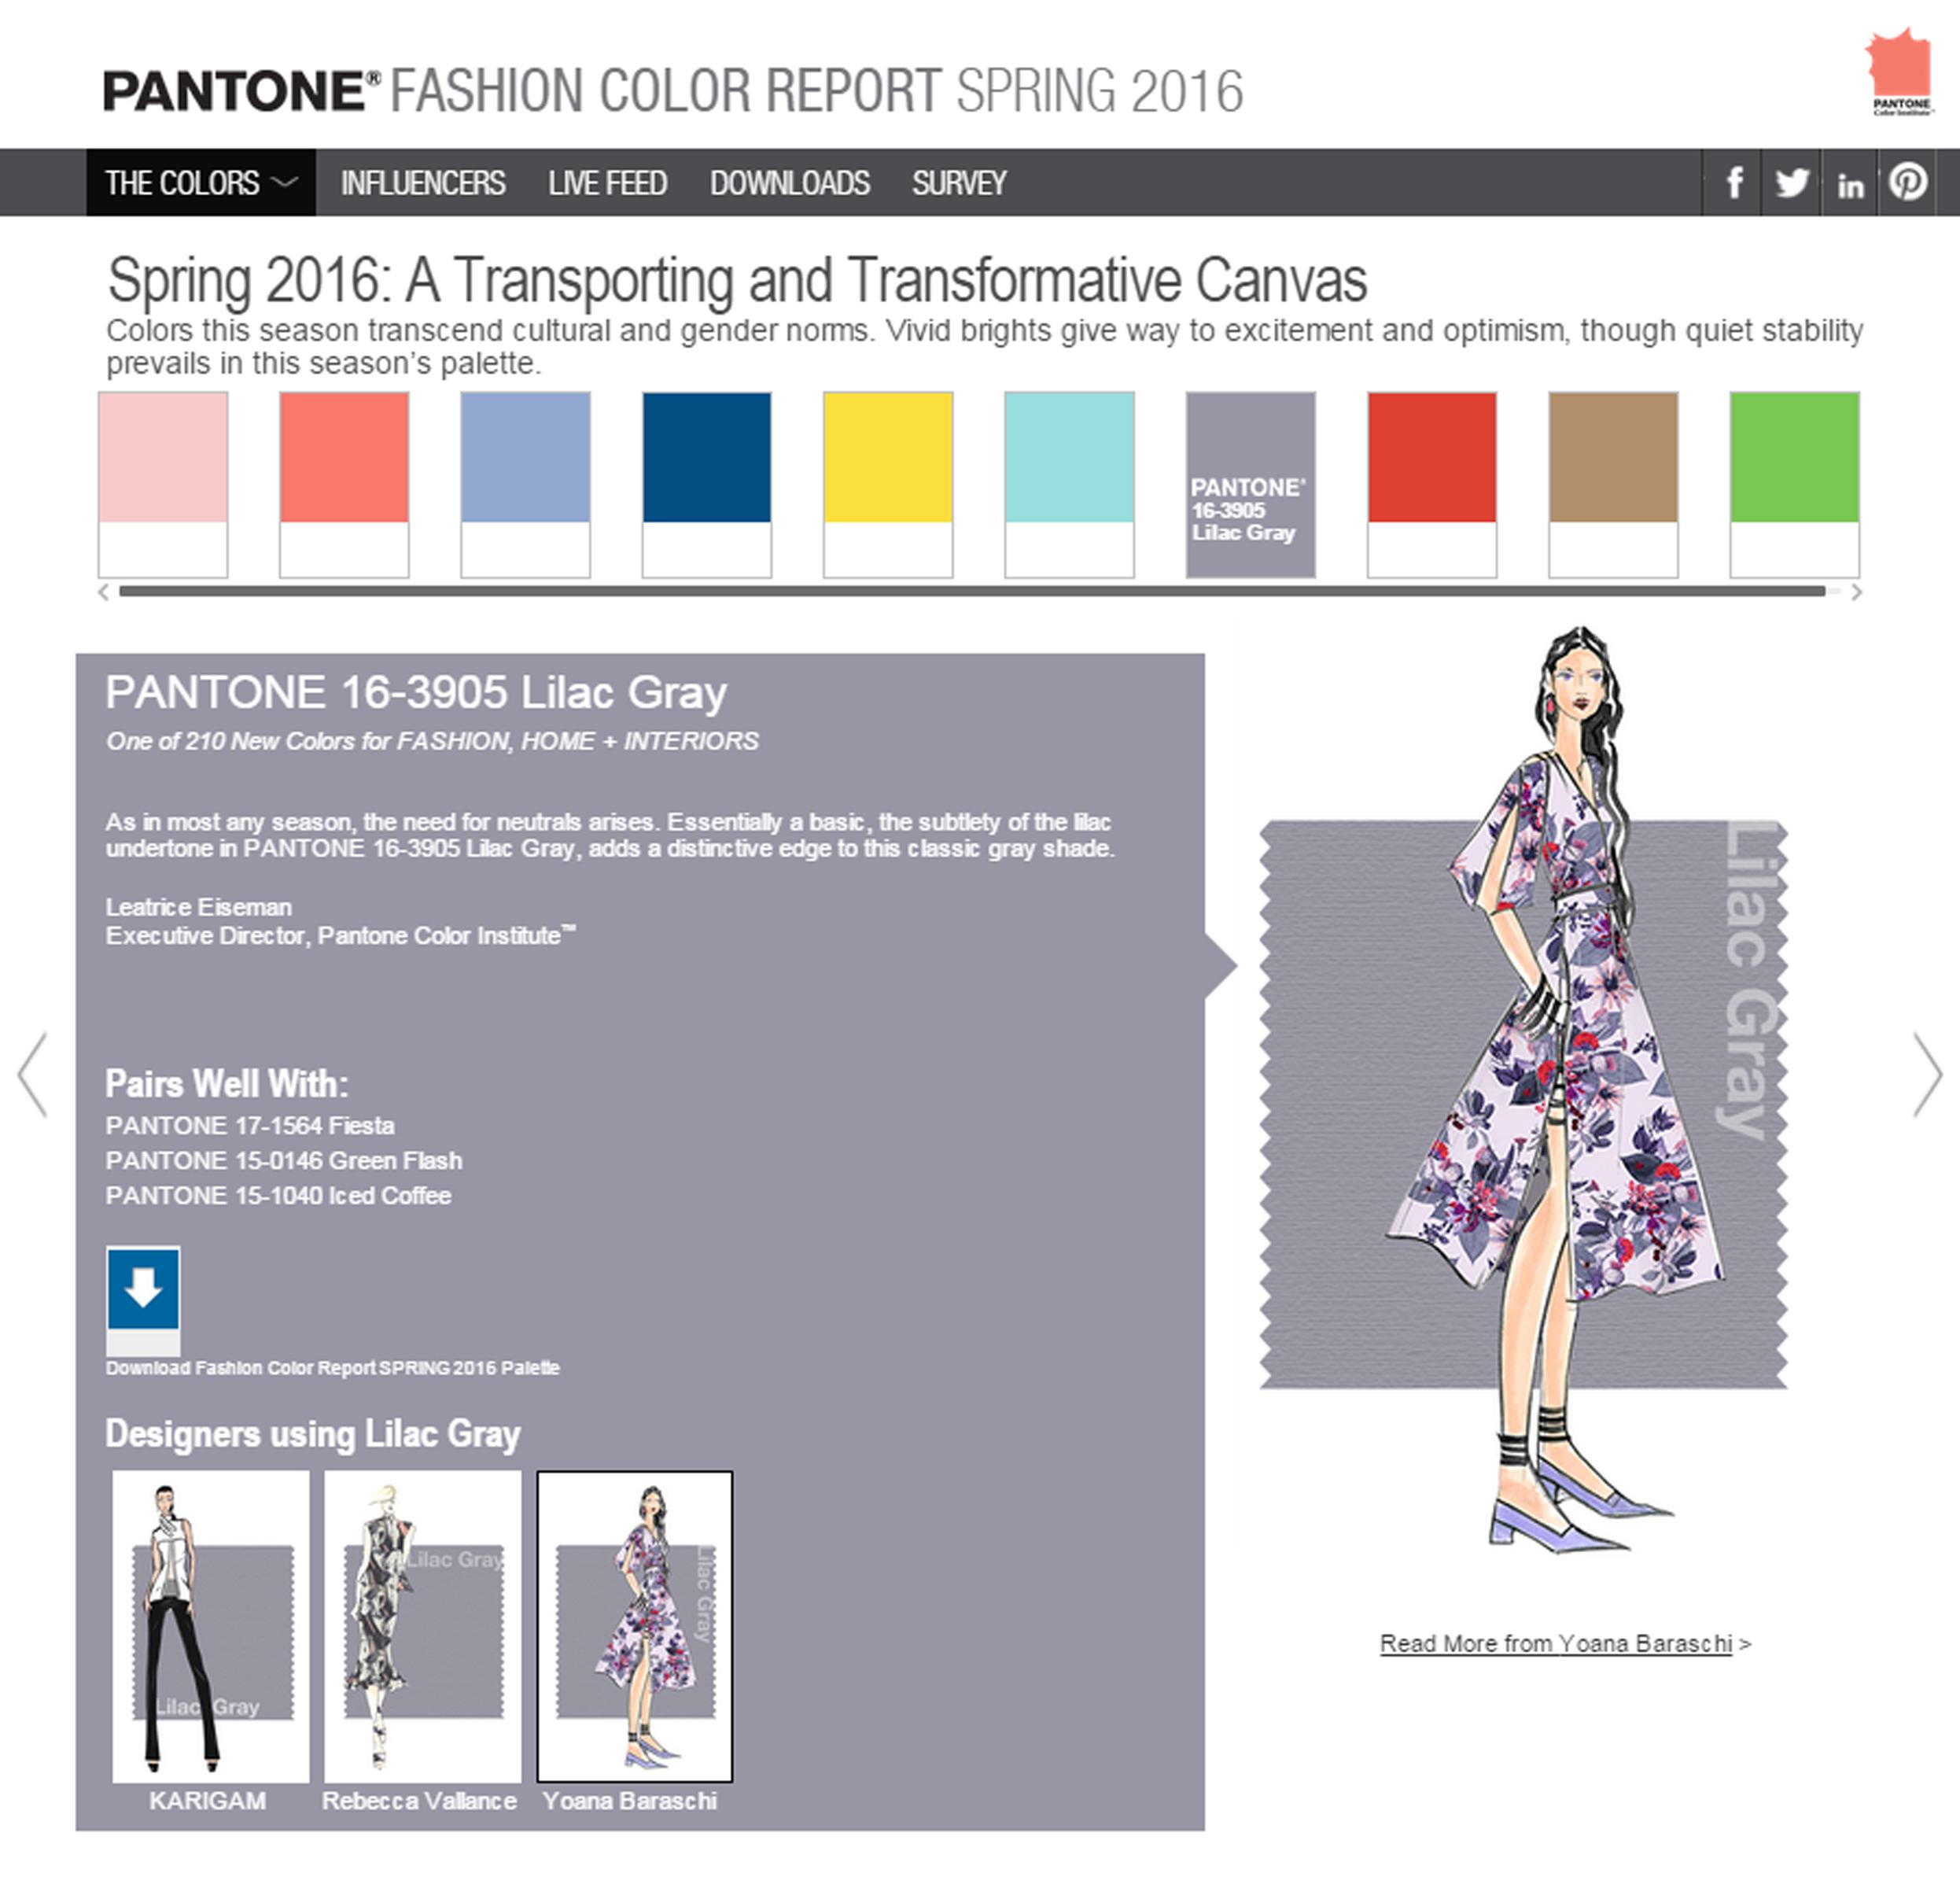 pantone, yoana baraschi, fashion